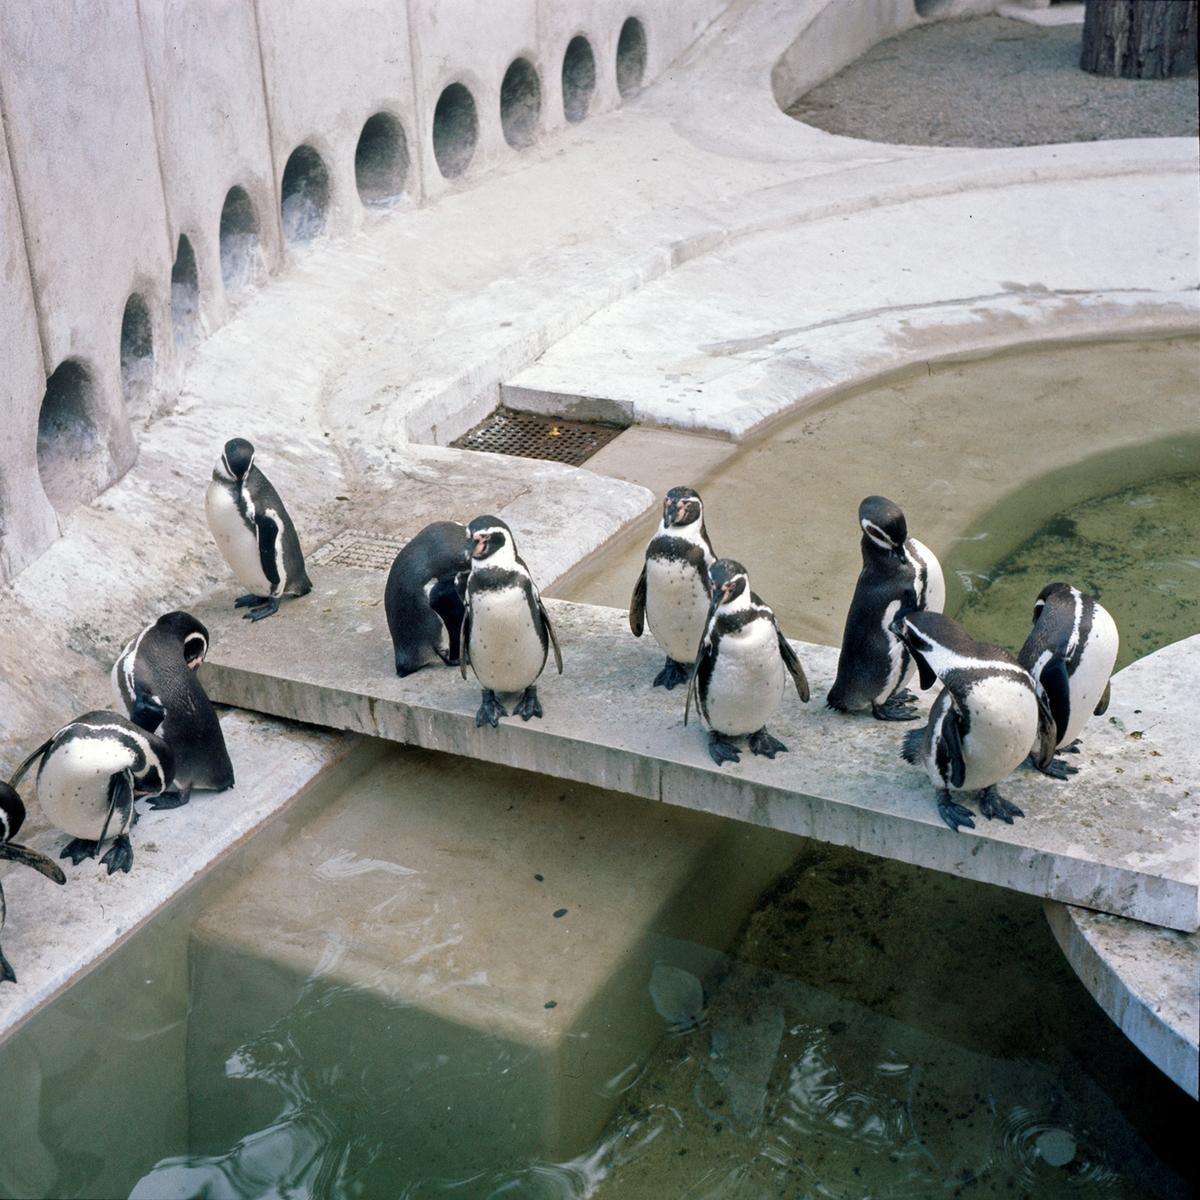 Pingviner på Skansen. Humboldtpingviner (Spheniscus humboldti). Anläggningen invigdes i maj 1963, och var ritad av stadsträdgårdsmästare Holger Blom. För övrigt den första anläggningen i Europa med undervattensfönster till sjölejon och pingviner.